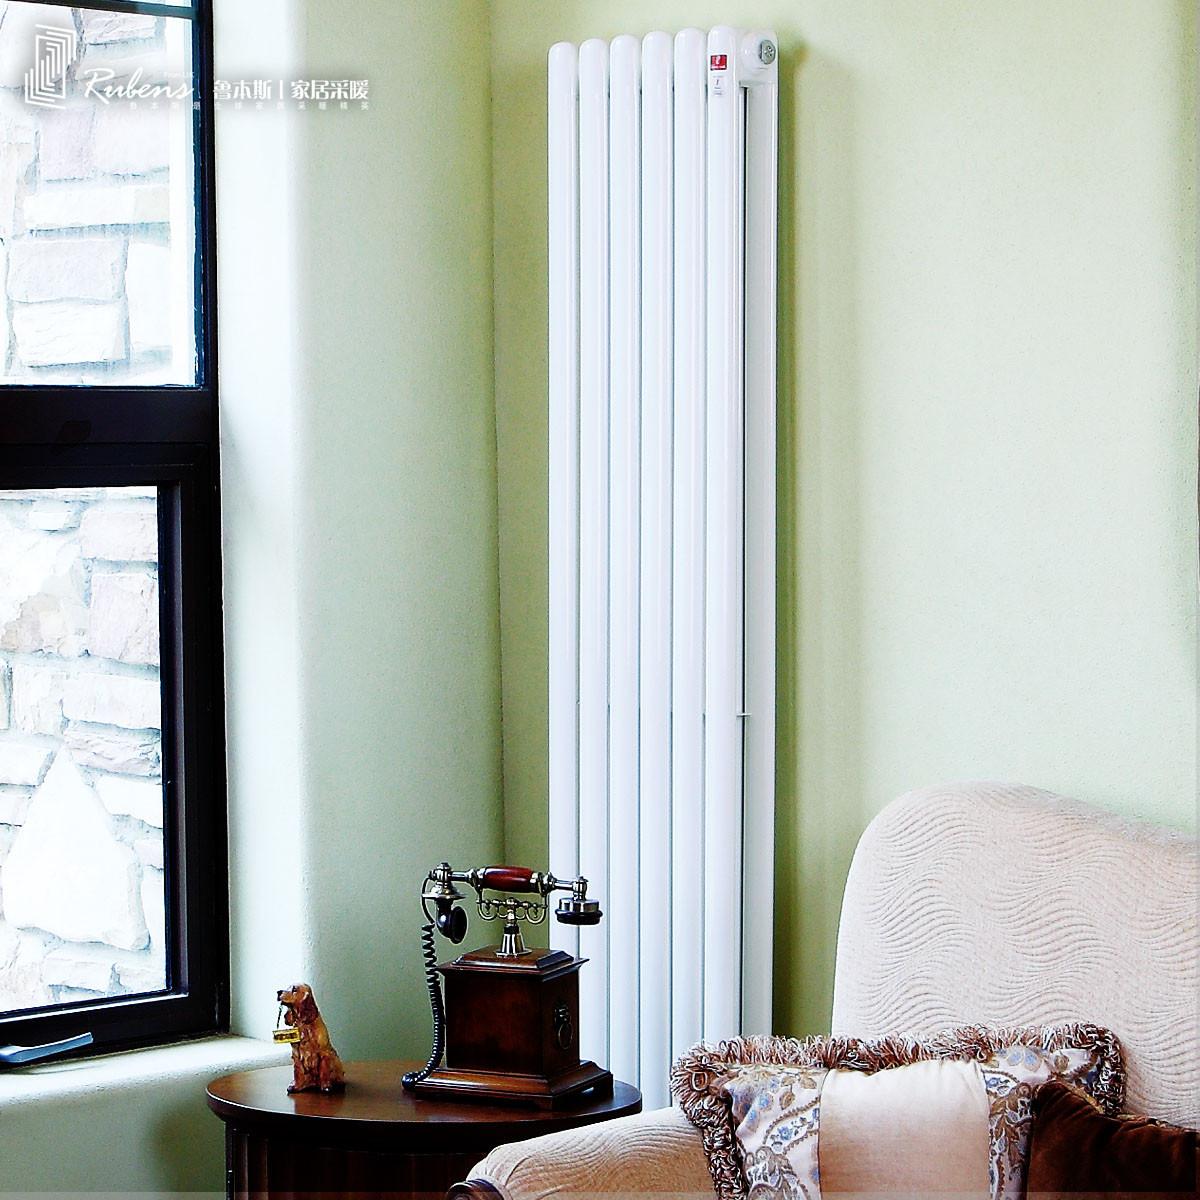 魯本斯 鋼普通掛墻式集中供熱 50大水道暖氣,片總寬60,高670、1500、1800暖氣片散熱器